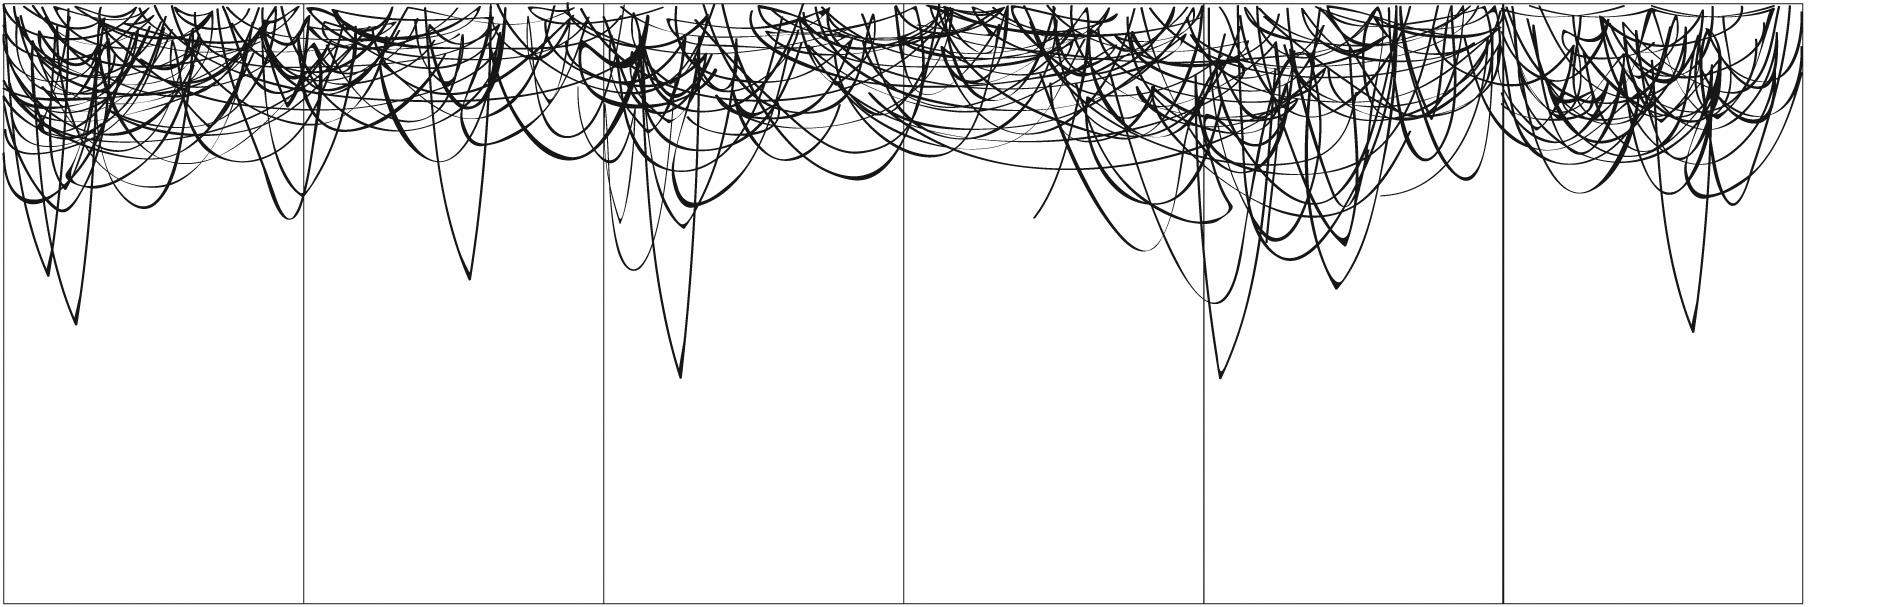 Multi-Panel Variation